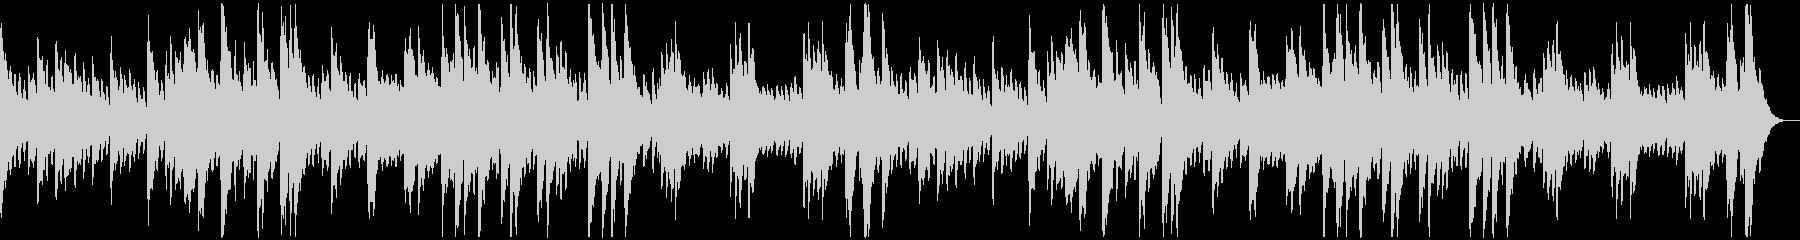 コロコロとした音のソロ・ピアノ曲の未再生の波形